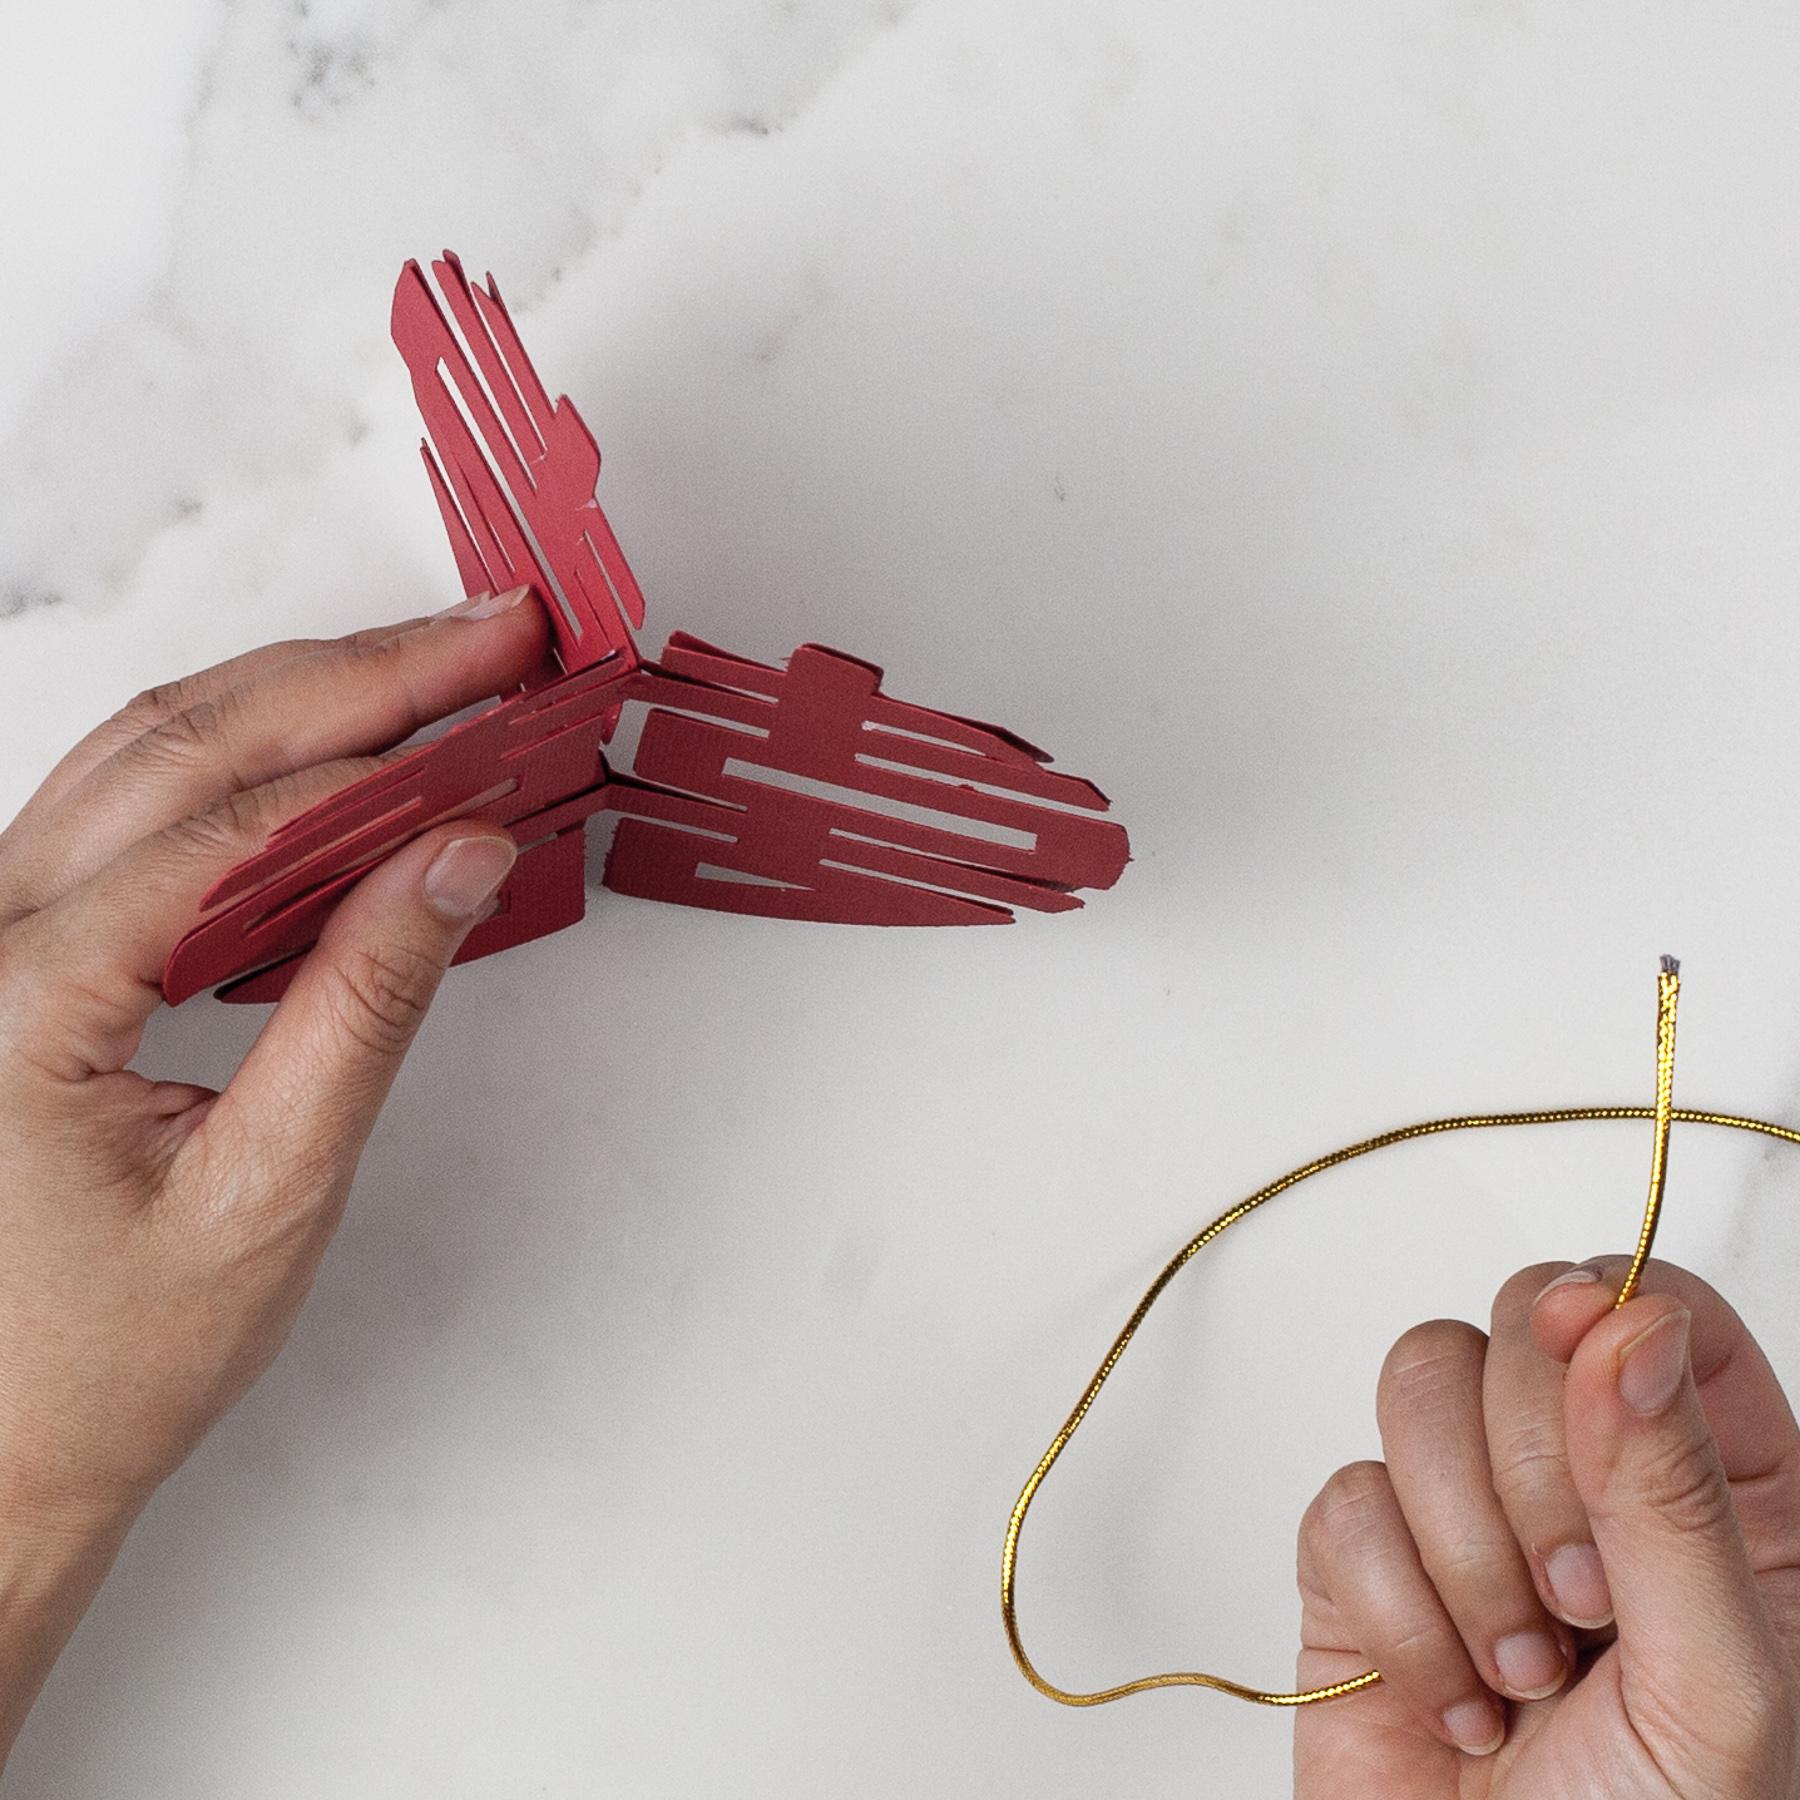 Add string